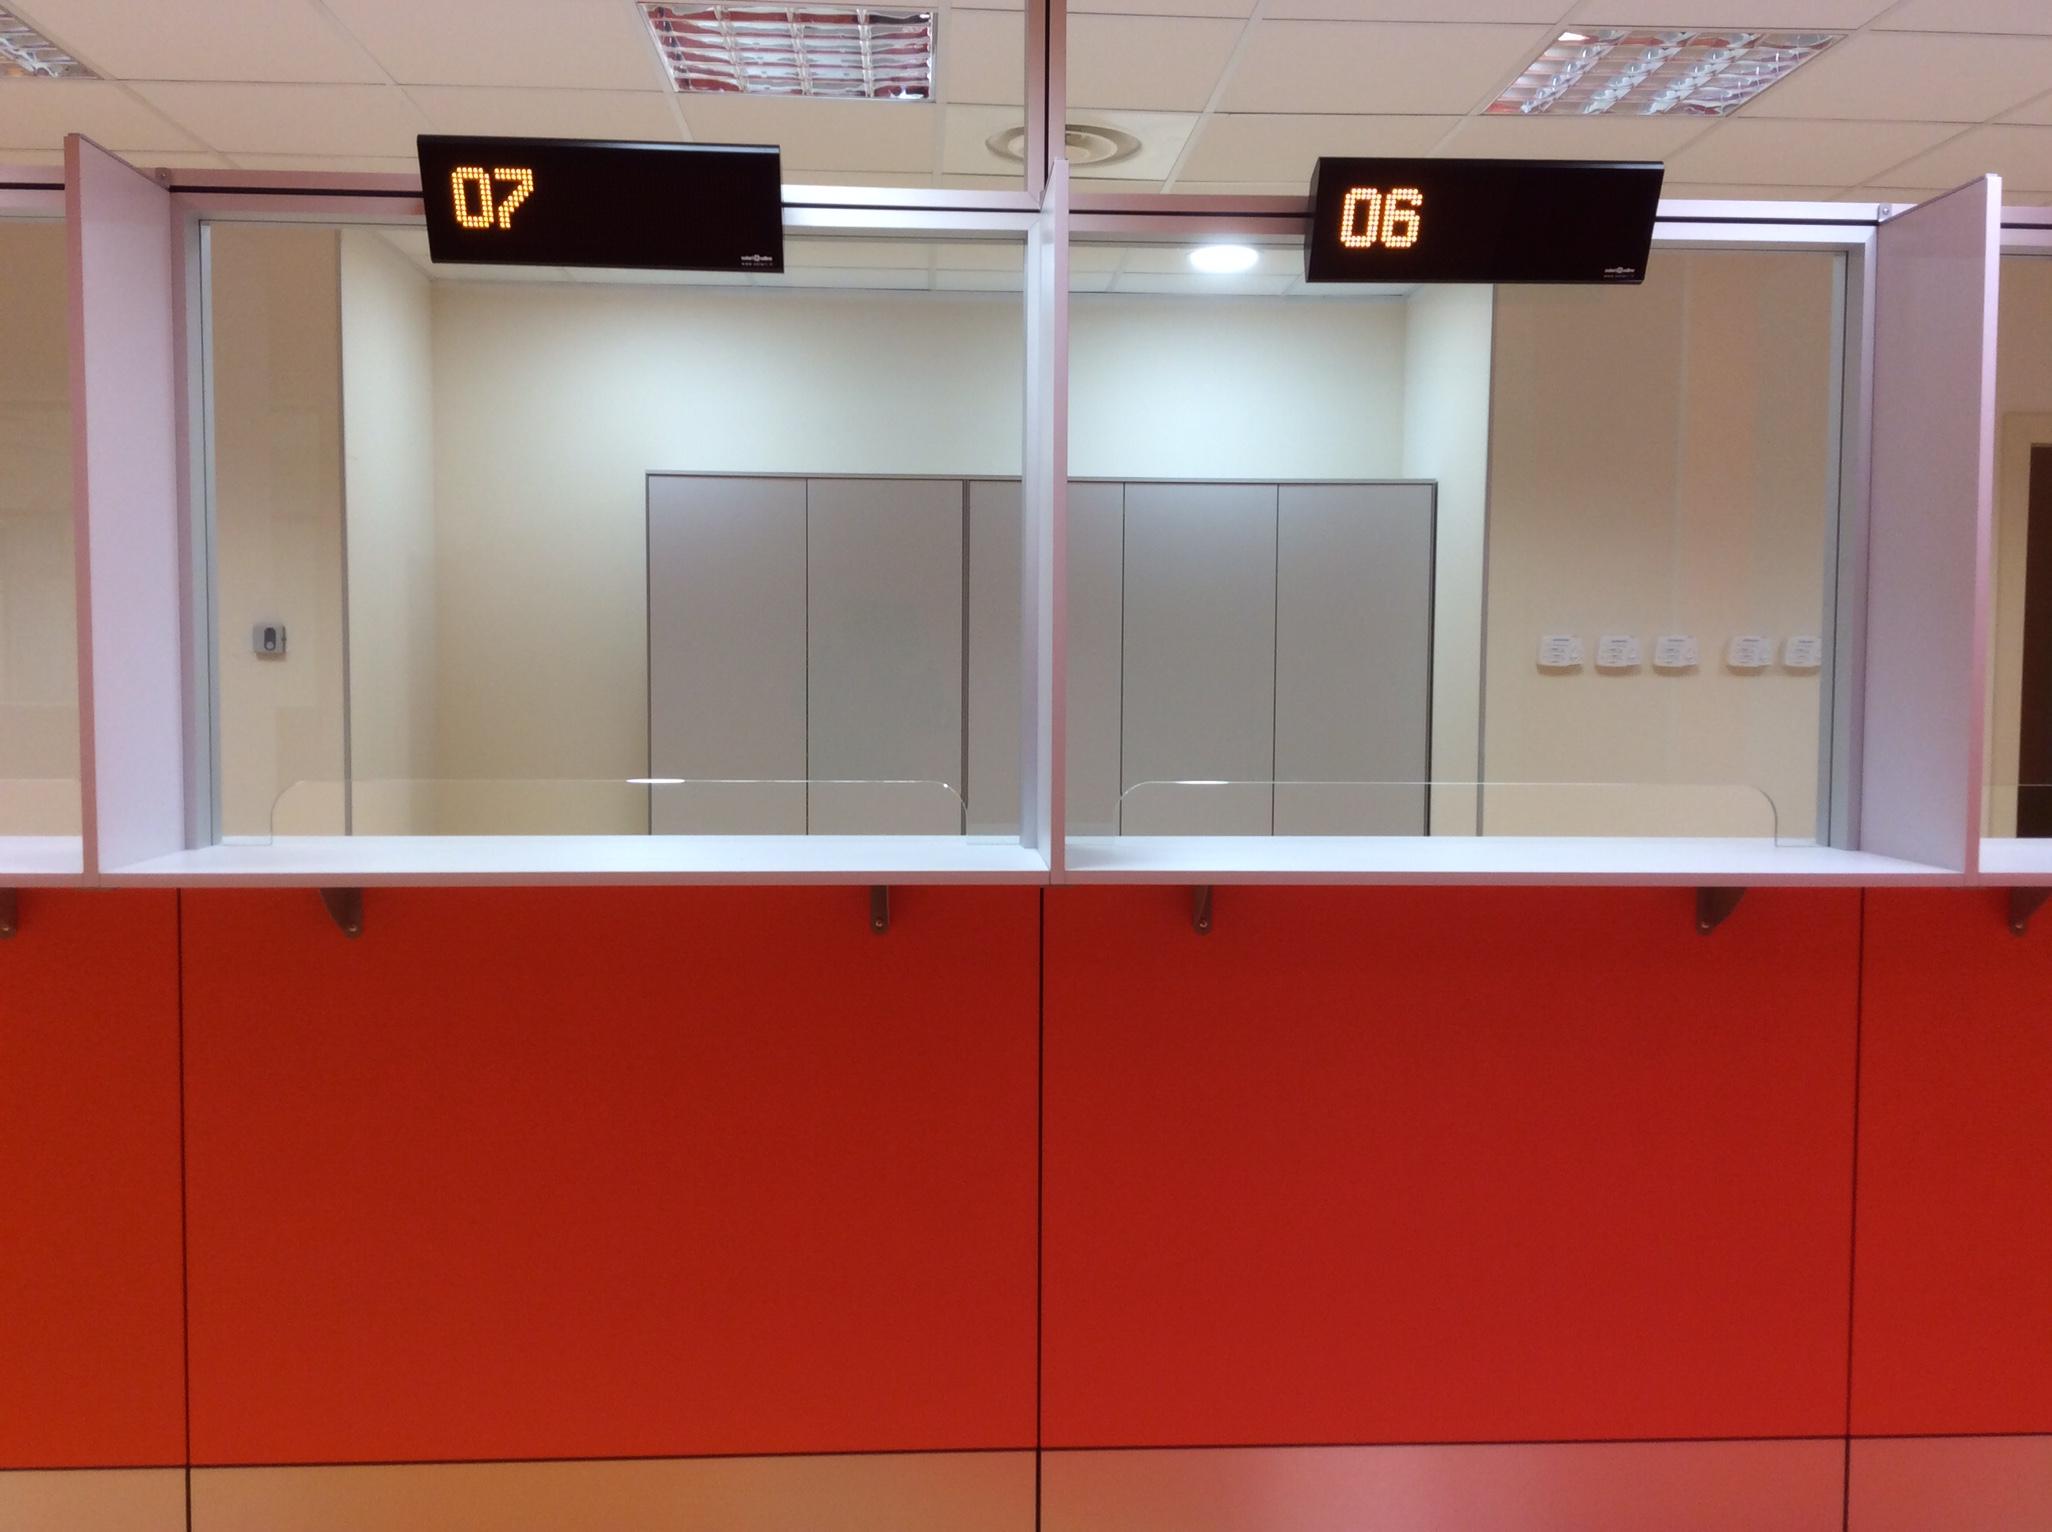 9 Realizzazione su misura parete attrezzata sportello ospedale - Riganelli Arredamenti